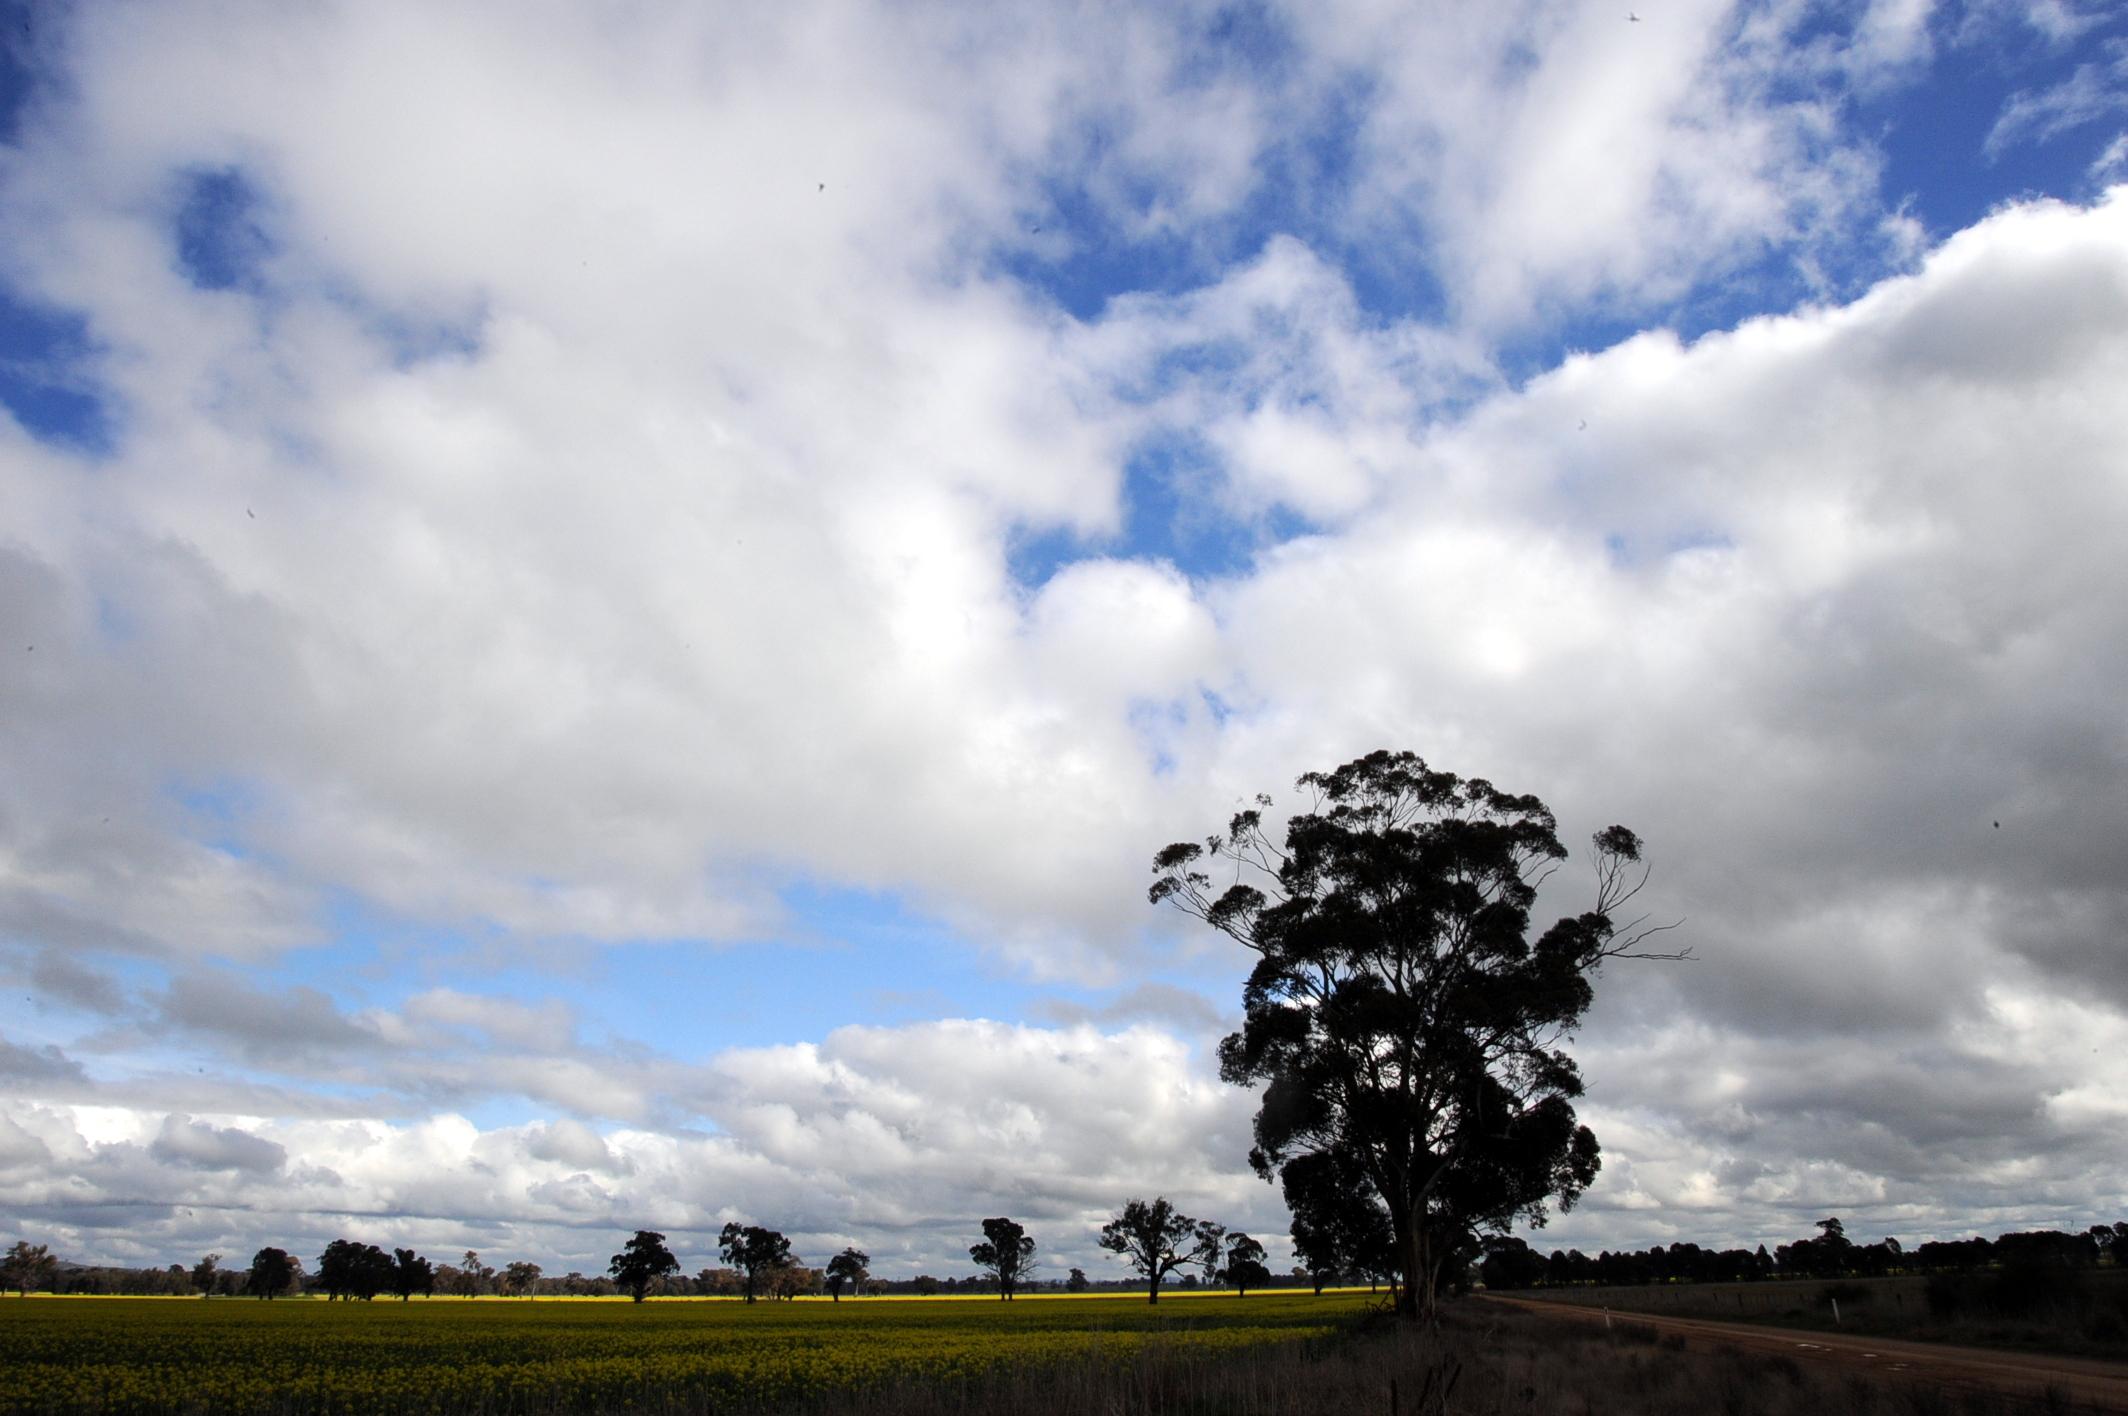 عبداللطيف جميل للطاقة تؤمّن تمويلاً لحقل وينتون للطاقة الشمسية في فيكتوريا الأسترالية